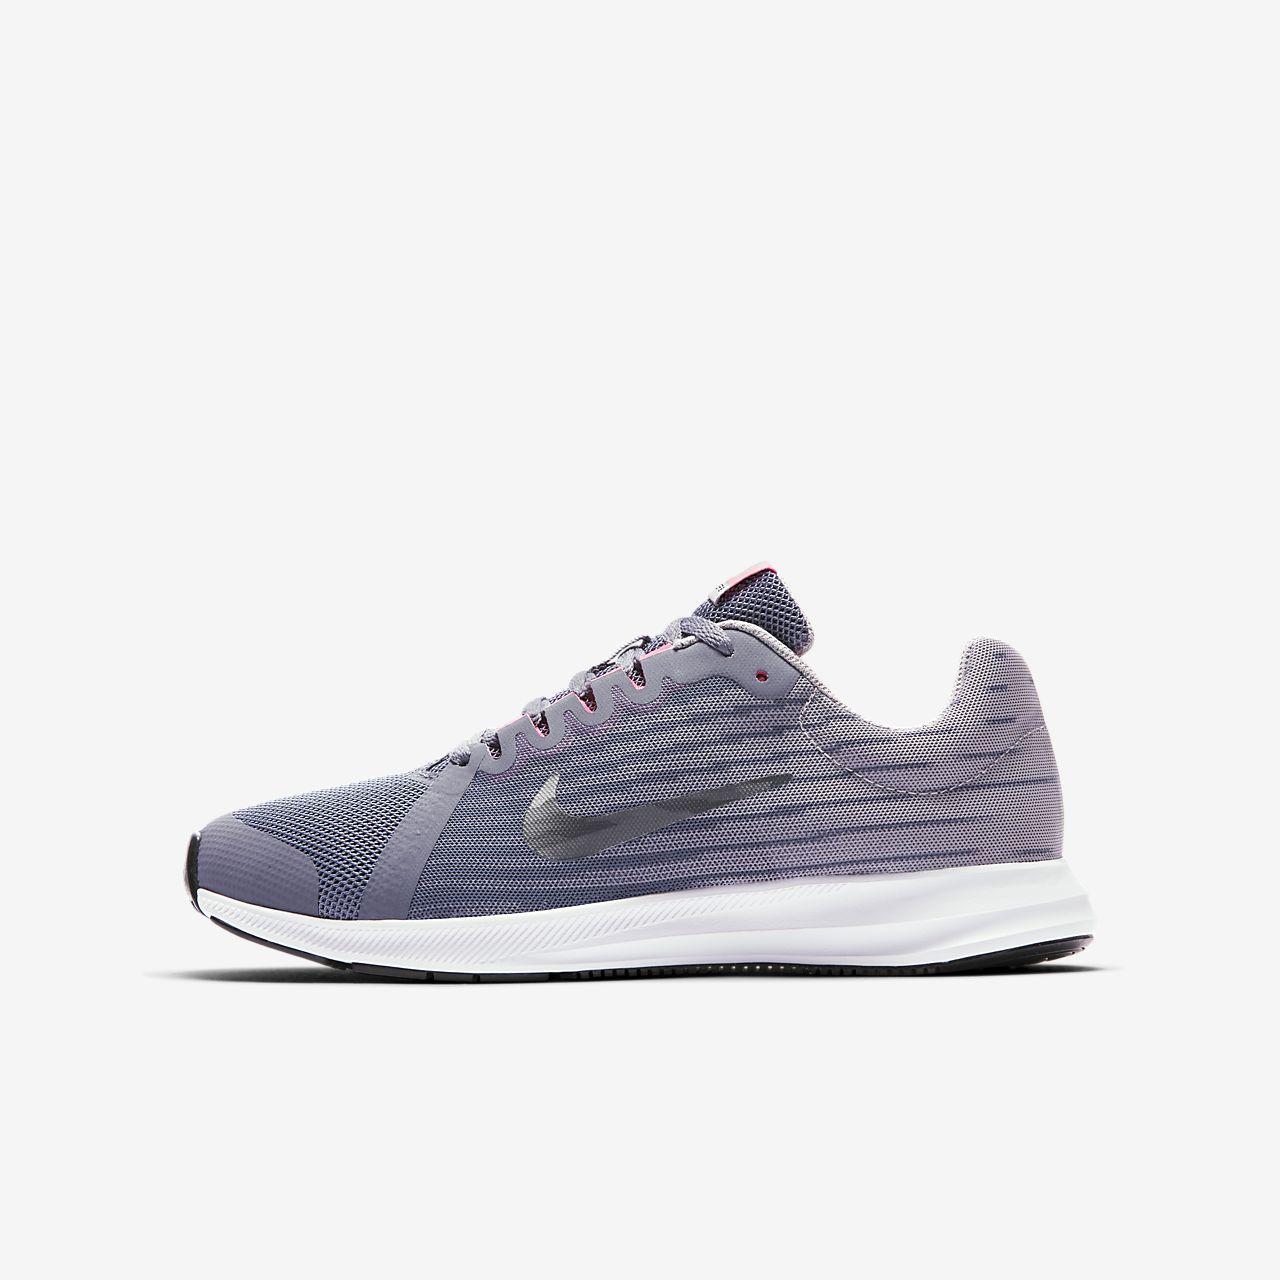 Löparsko Nike Downshifter 8 för ungdom